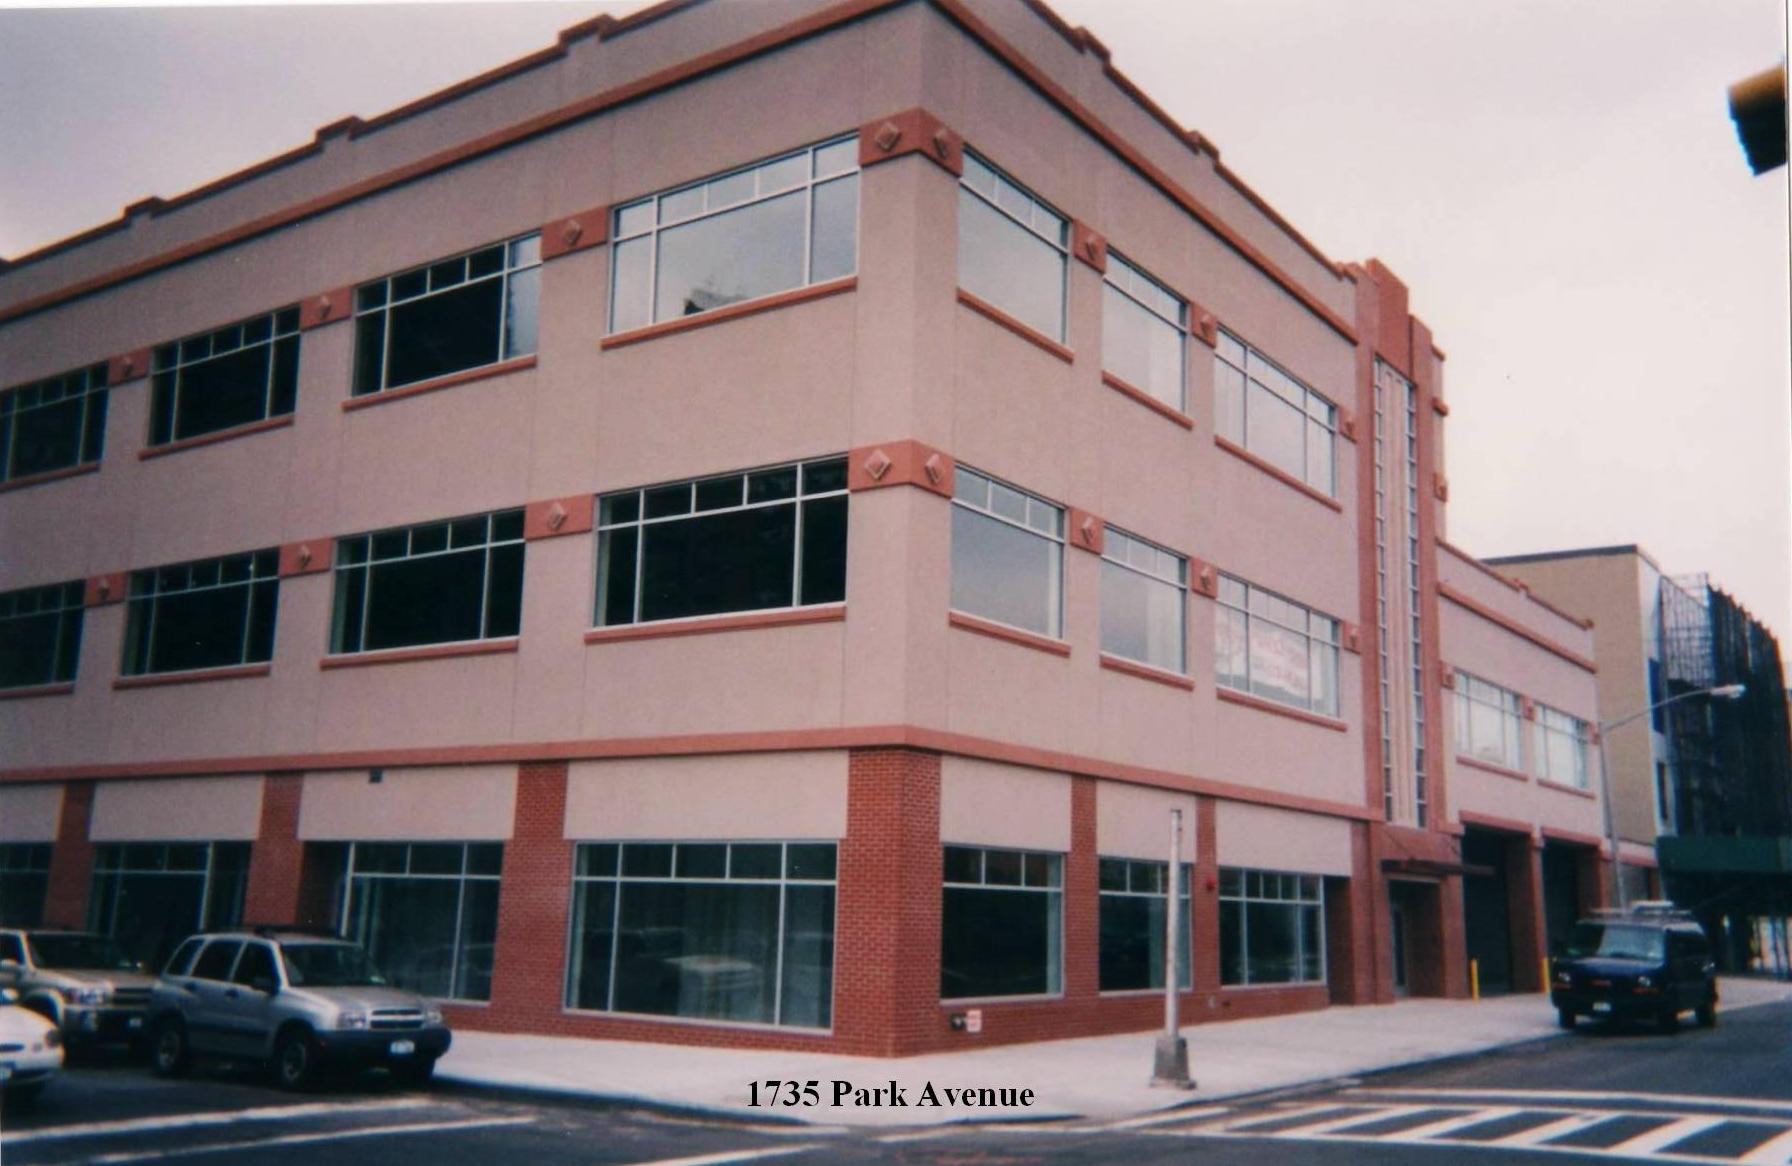 Graces Marketplace Headquarters 1735 Park Avenue, NYC